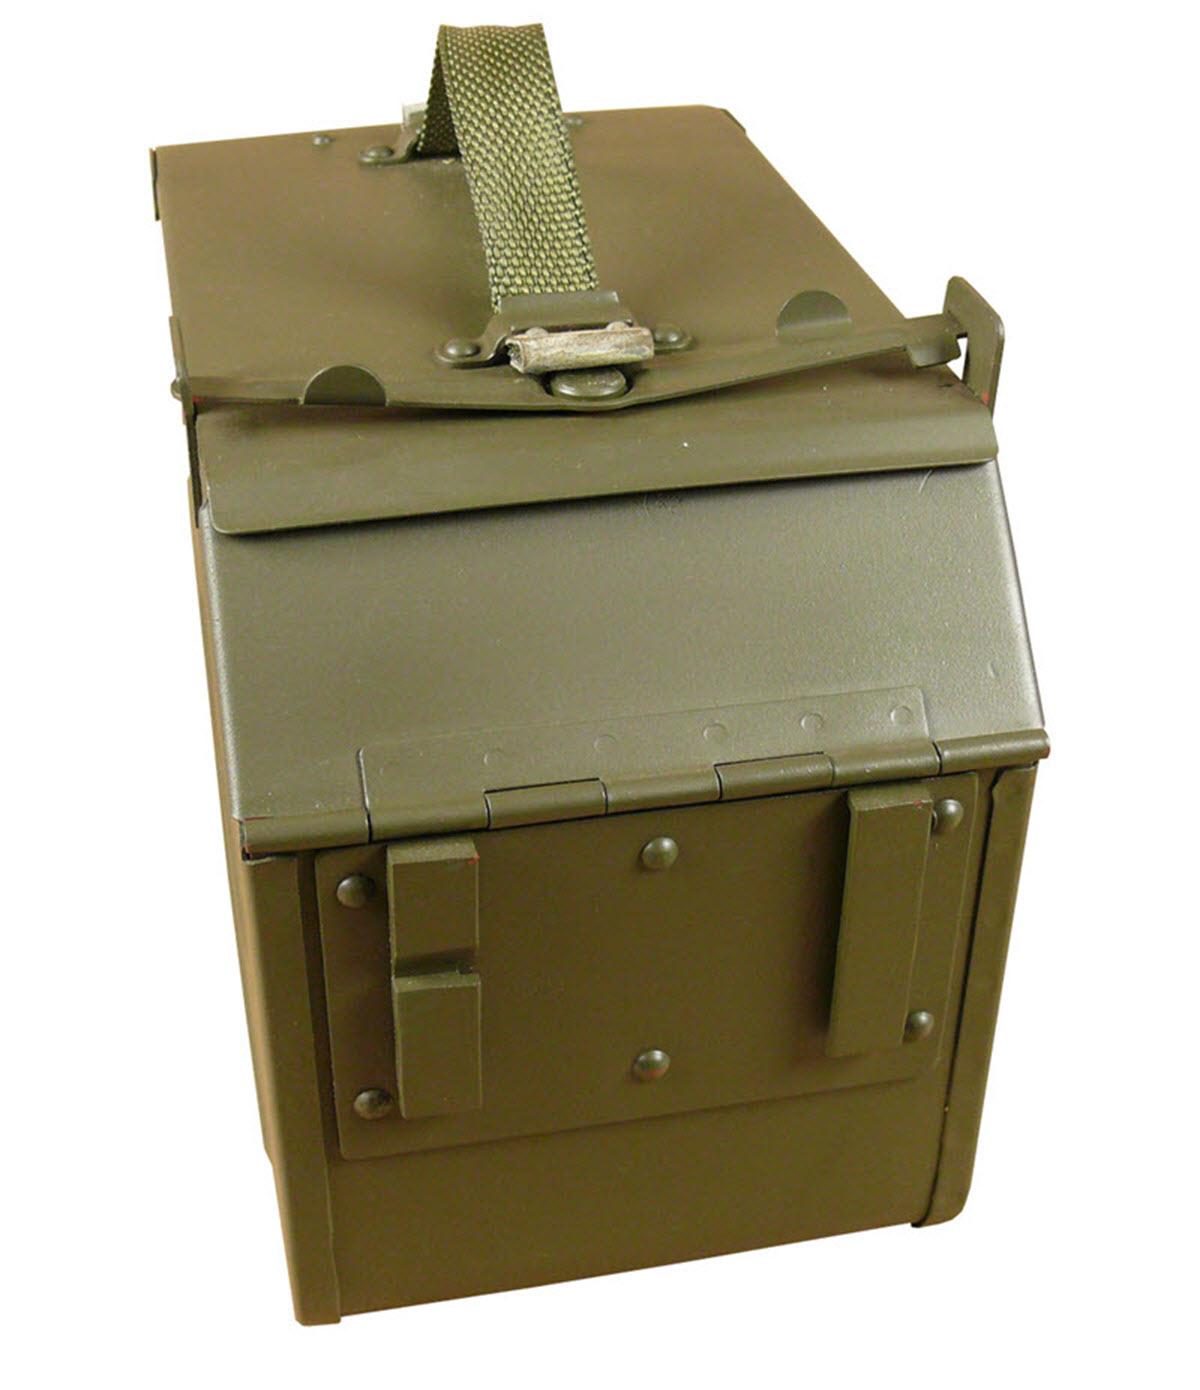 Ящик с электрическими автоматами фото мирового океана